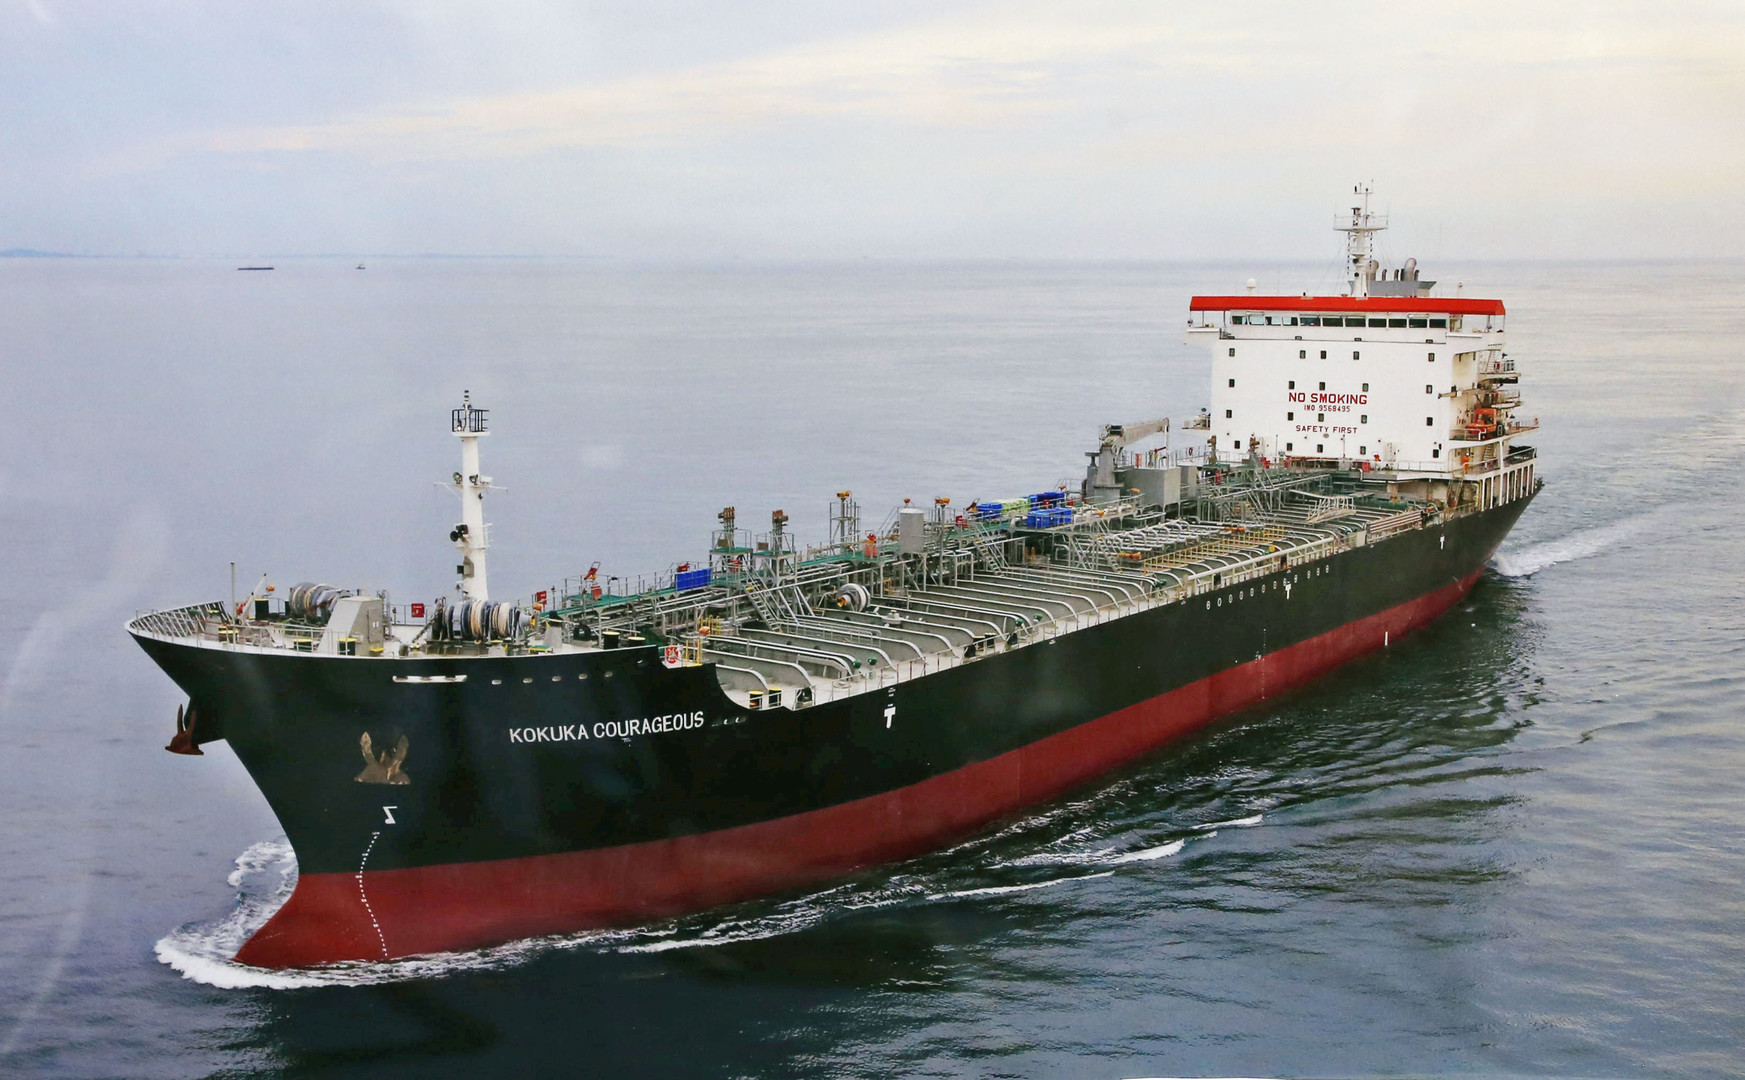 الاستخبارات الروسية: نأمل بألا يصل حادث ناقلتي النفط في خليج عمان إلى أعمال حربية